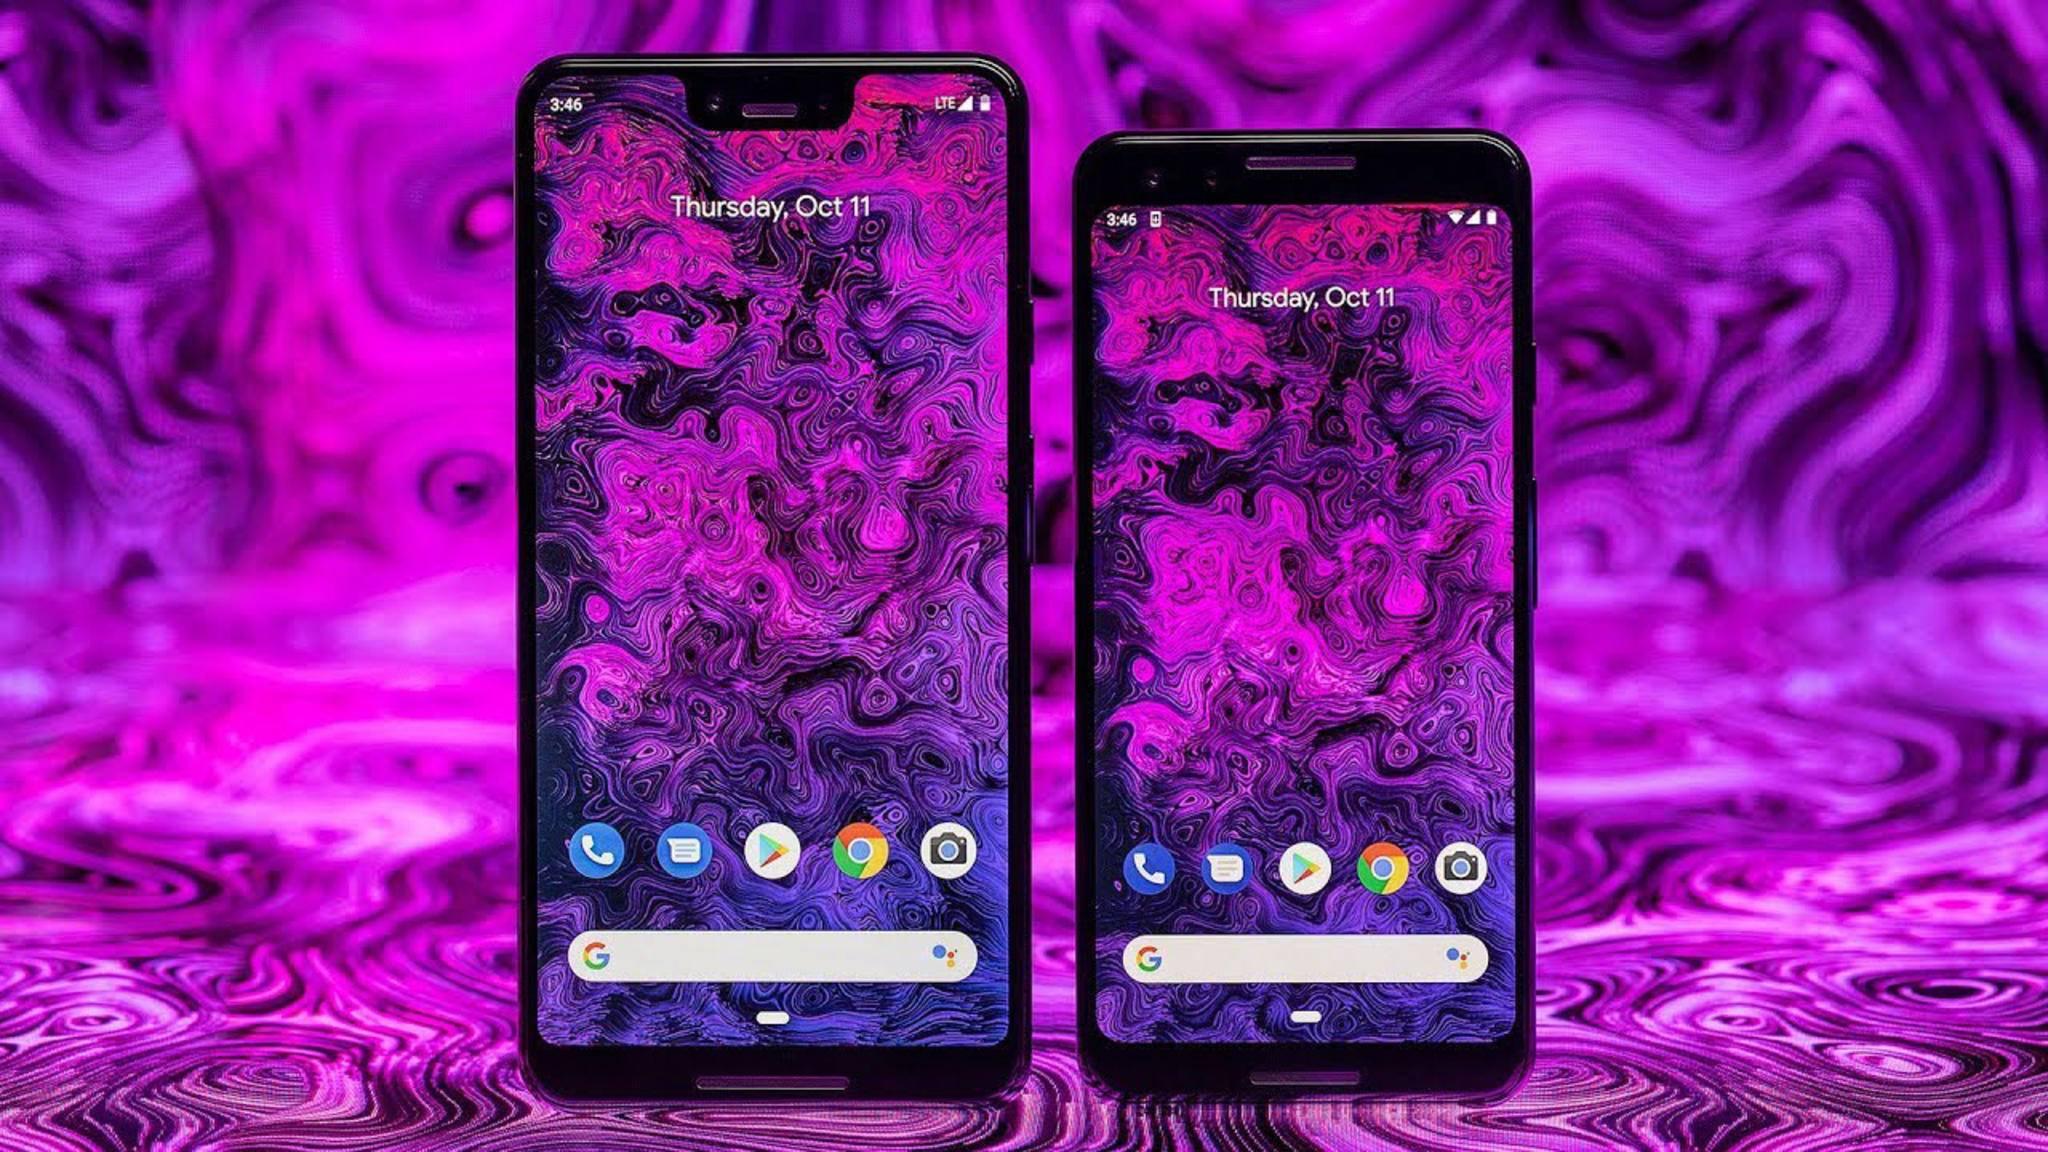 Das Google Pixel 3 XL hat laut Test das best Smartphone-Display überhaupt.